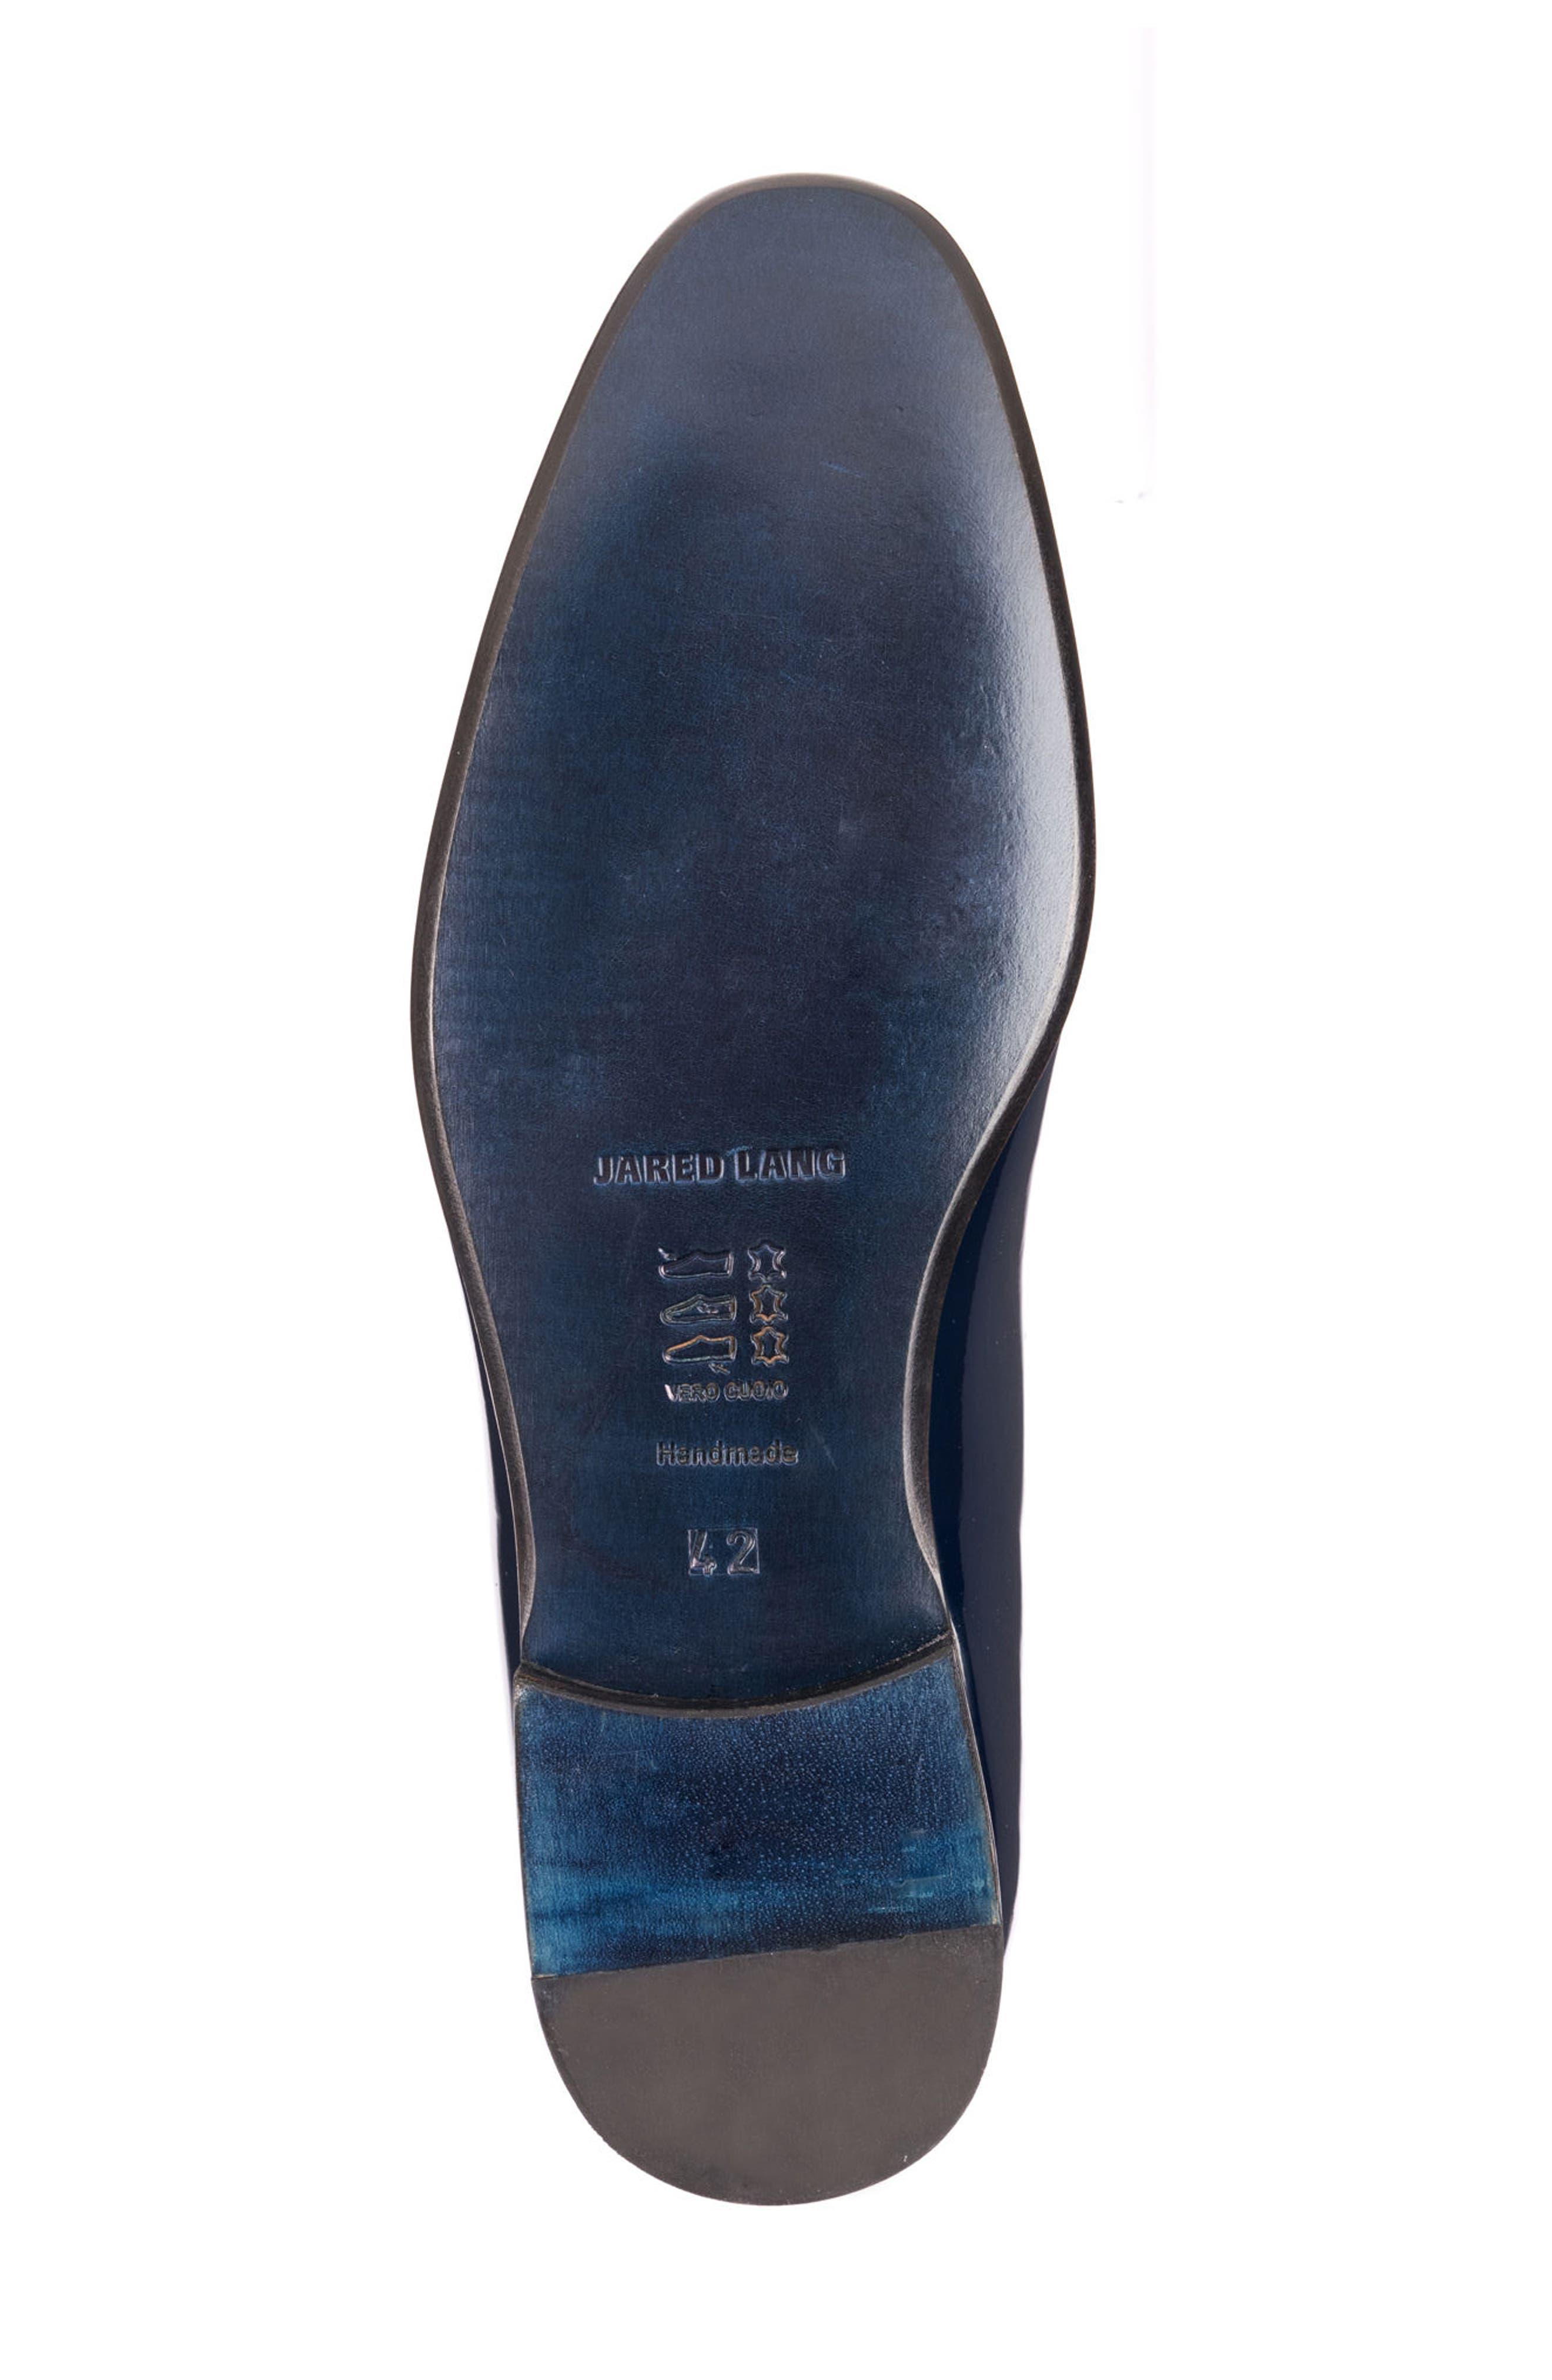 Enzo Tasseled Venetian Loafer,                             Alternate thumbnail 6, color,                             Navy Leather